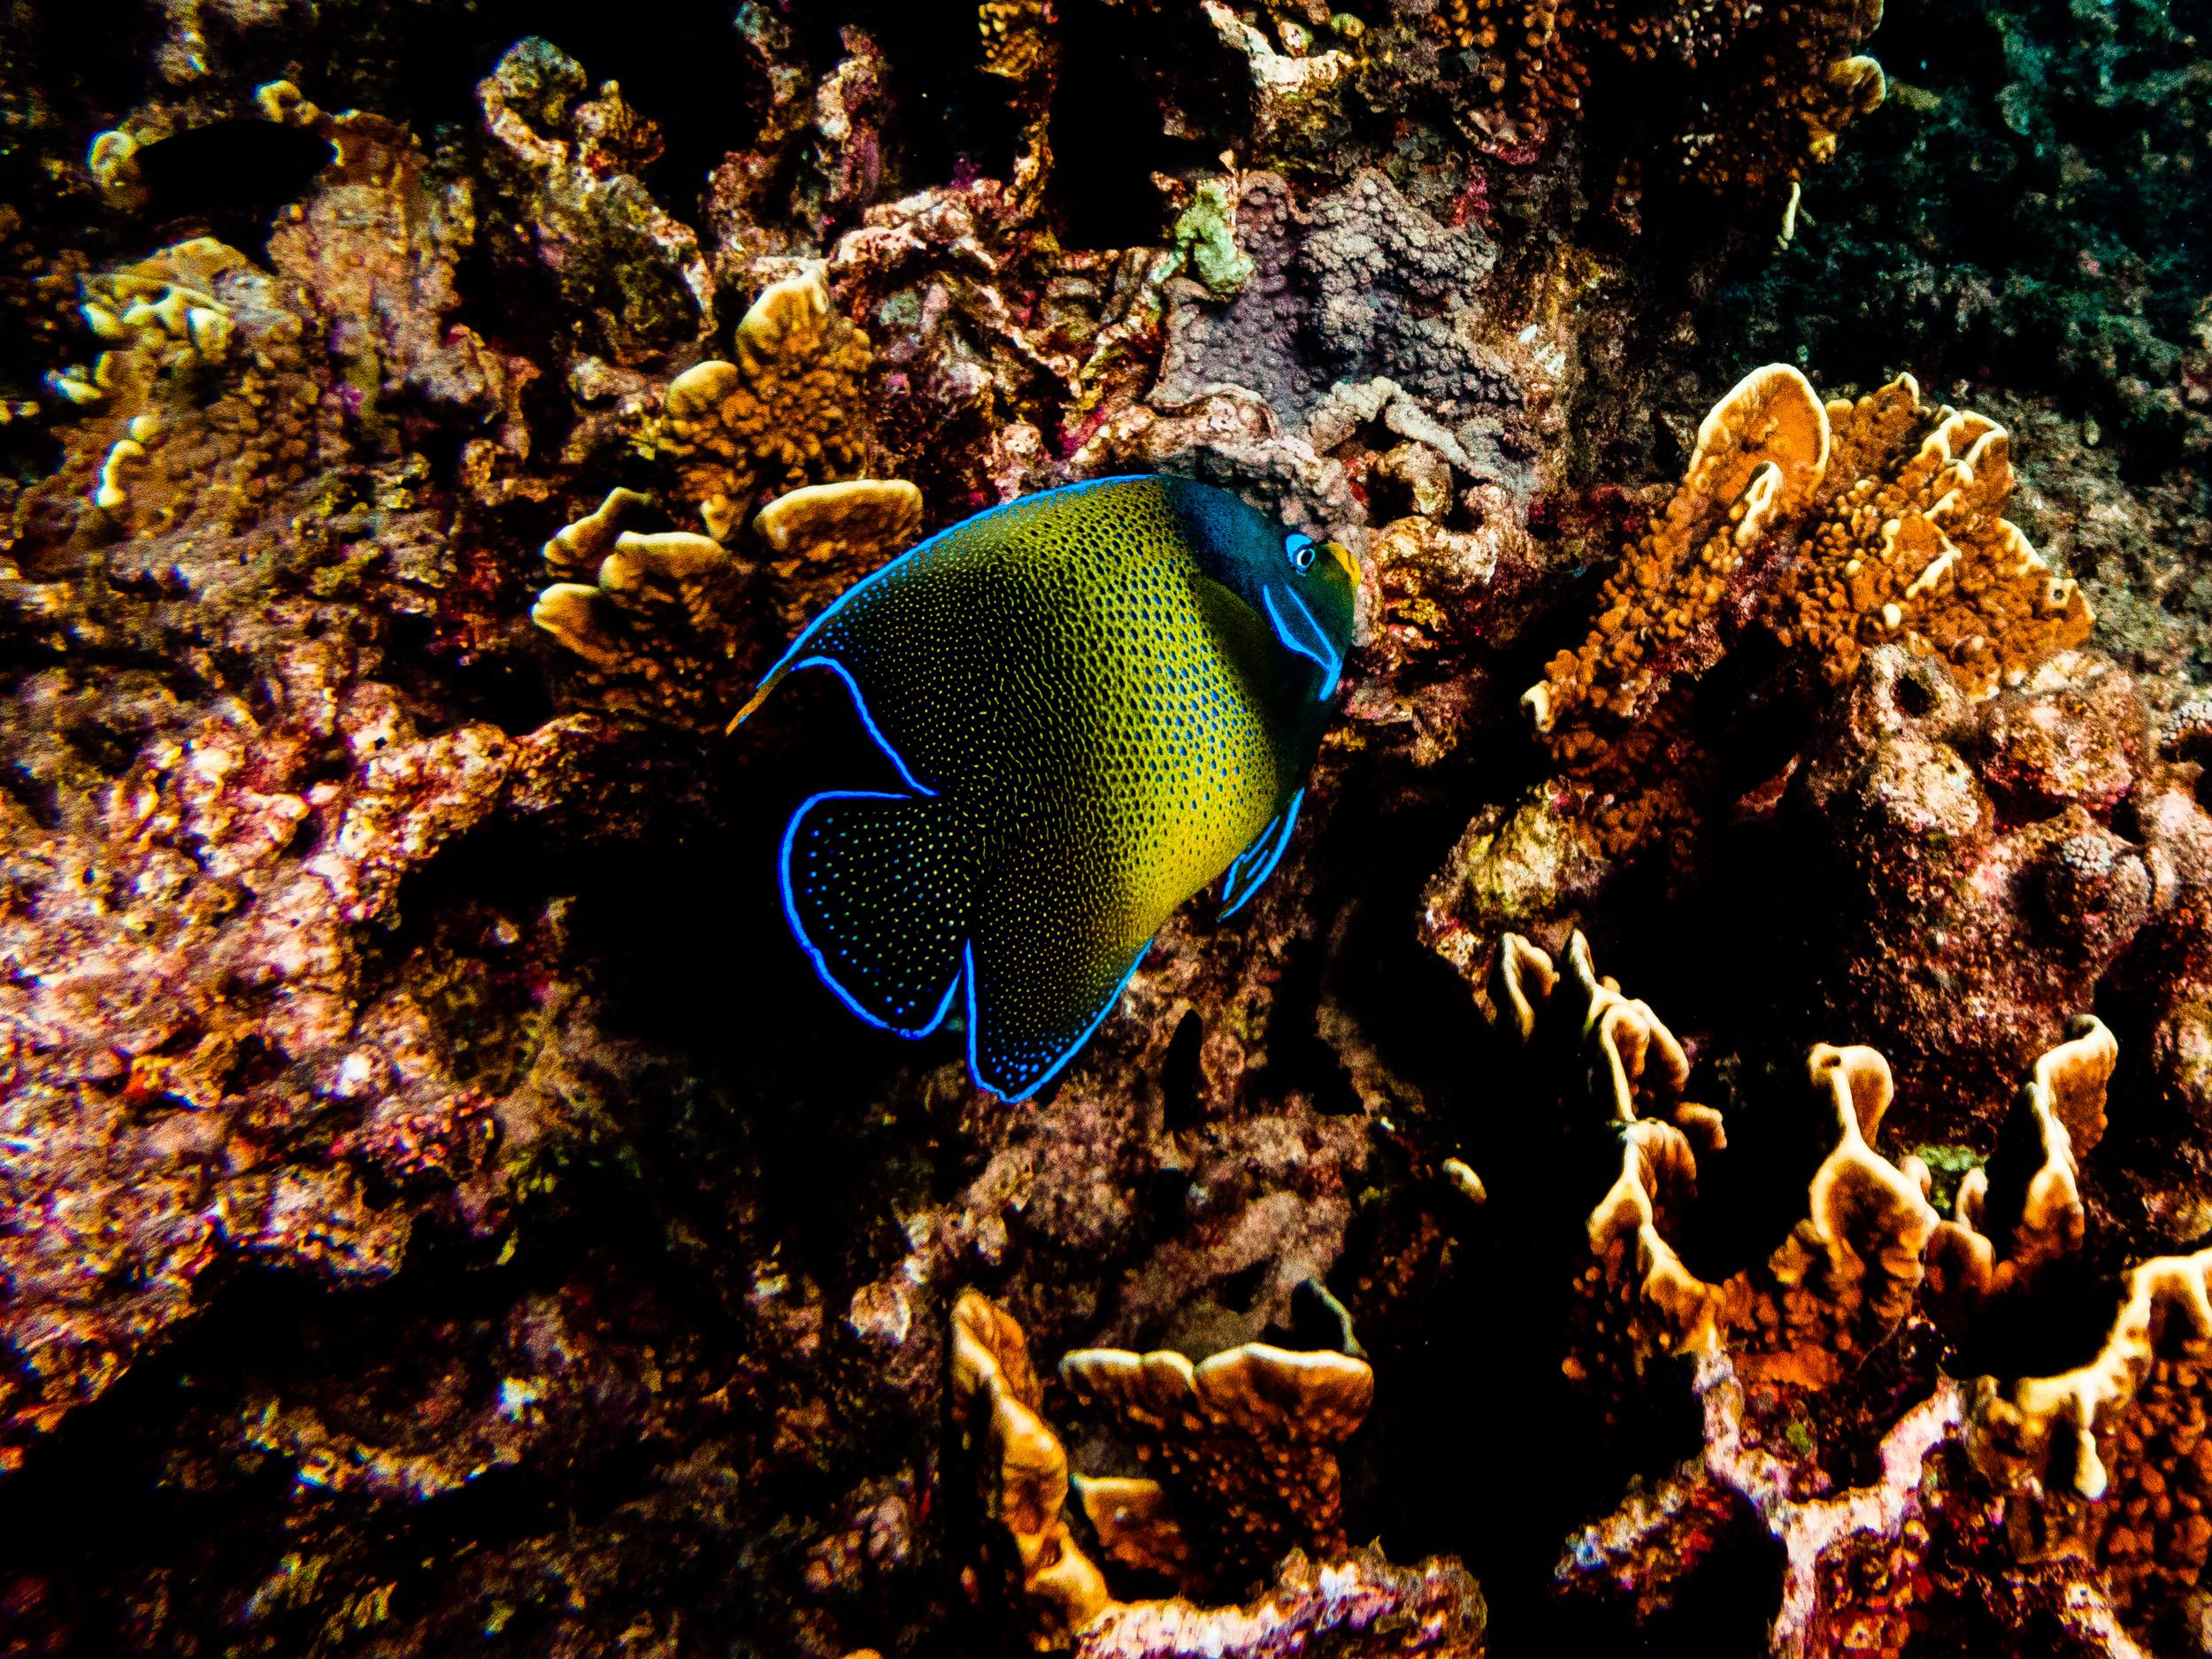 Spyrides_Kyle_Ningaloo_Reef_Sal_Salis.13.5.2016P5121584.jpg